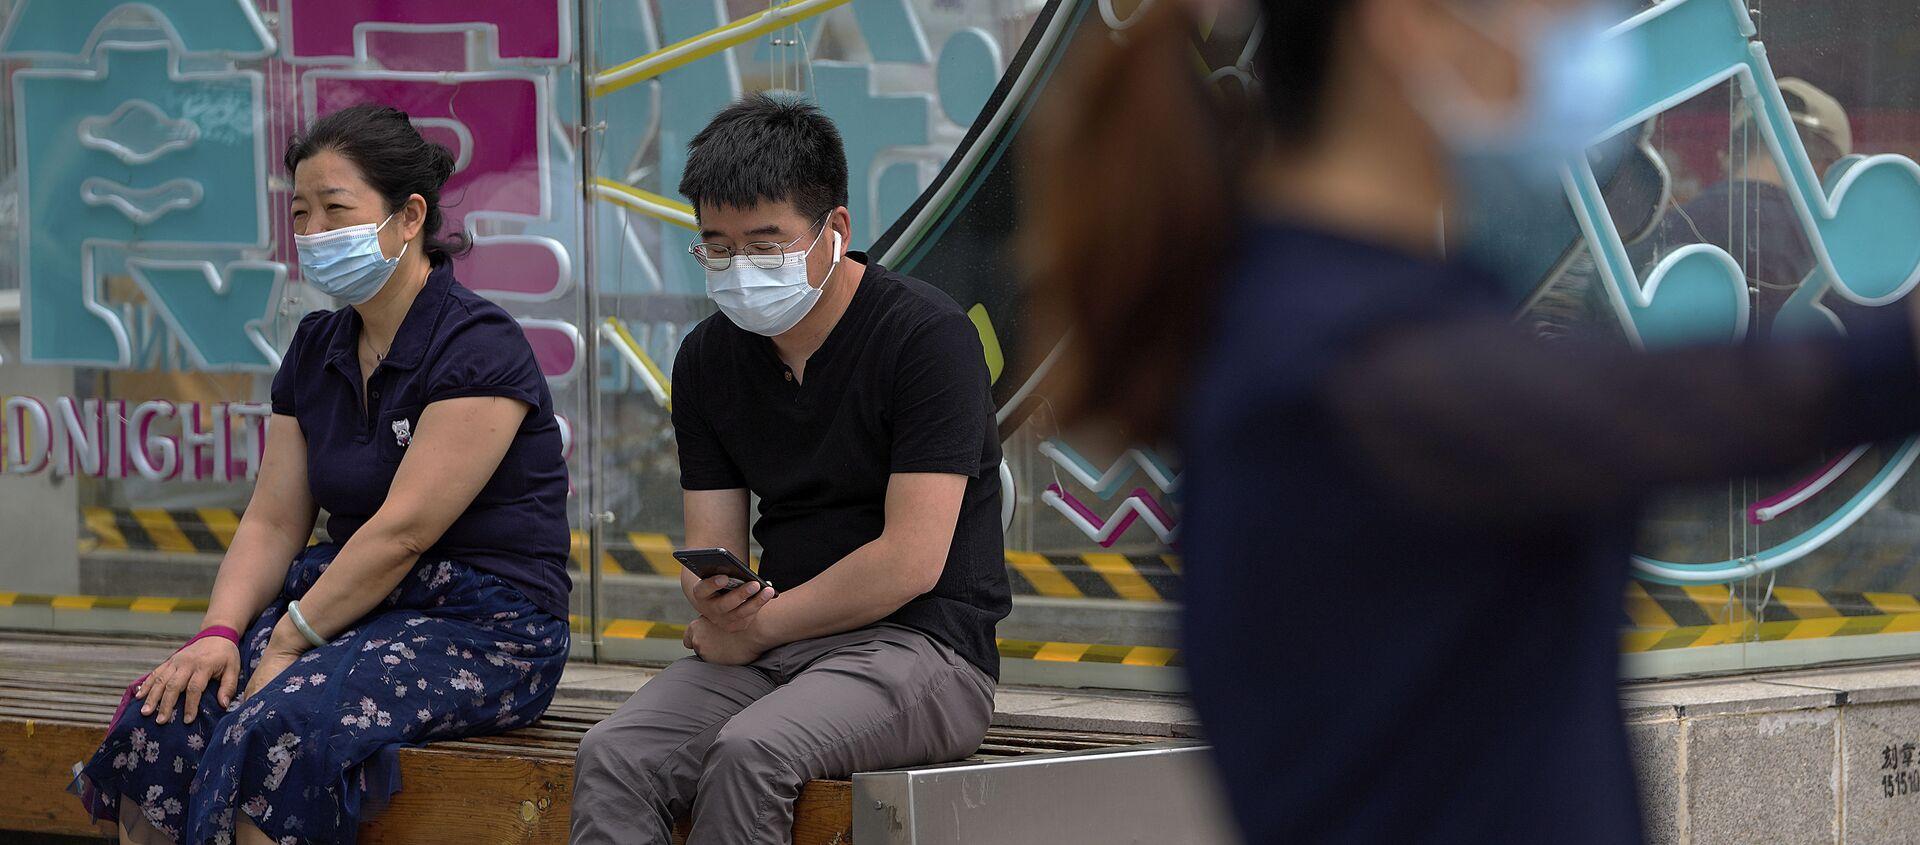 Люди, носящие маски для лица, чтобы помочь обуздать распространение коронавируса, отдыхают на скамейке возле торгового центра в Пекине в понедельник, 24 мая 2021 г. - Sputnik Абхазия, 1920, 28.08.2021